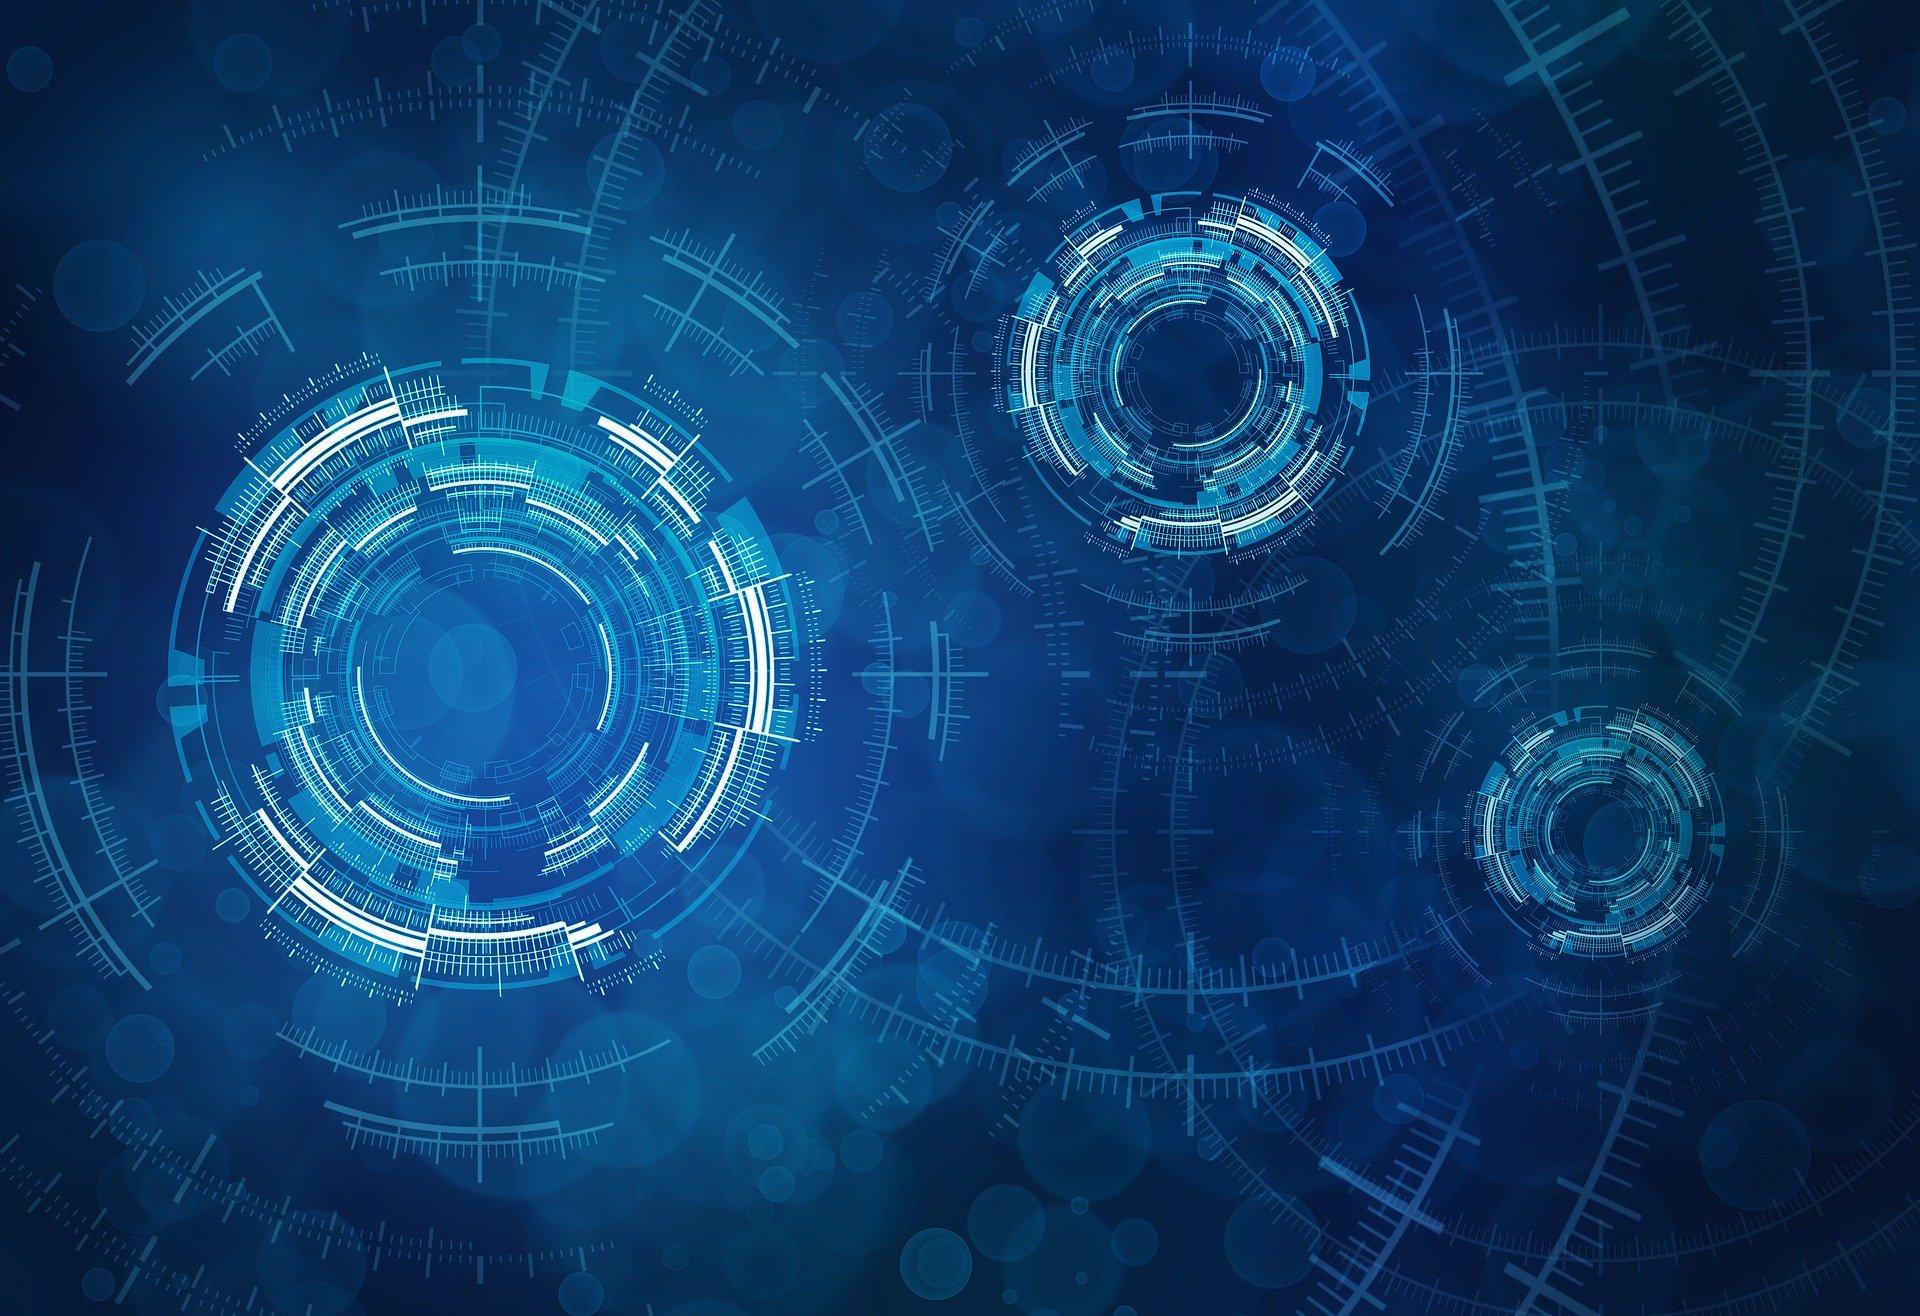 心不全にβ遮断薬:機械学習で個別化医療?